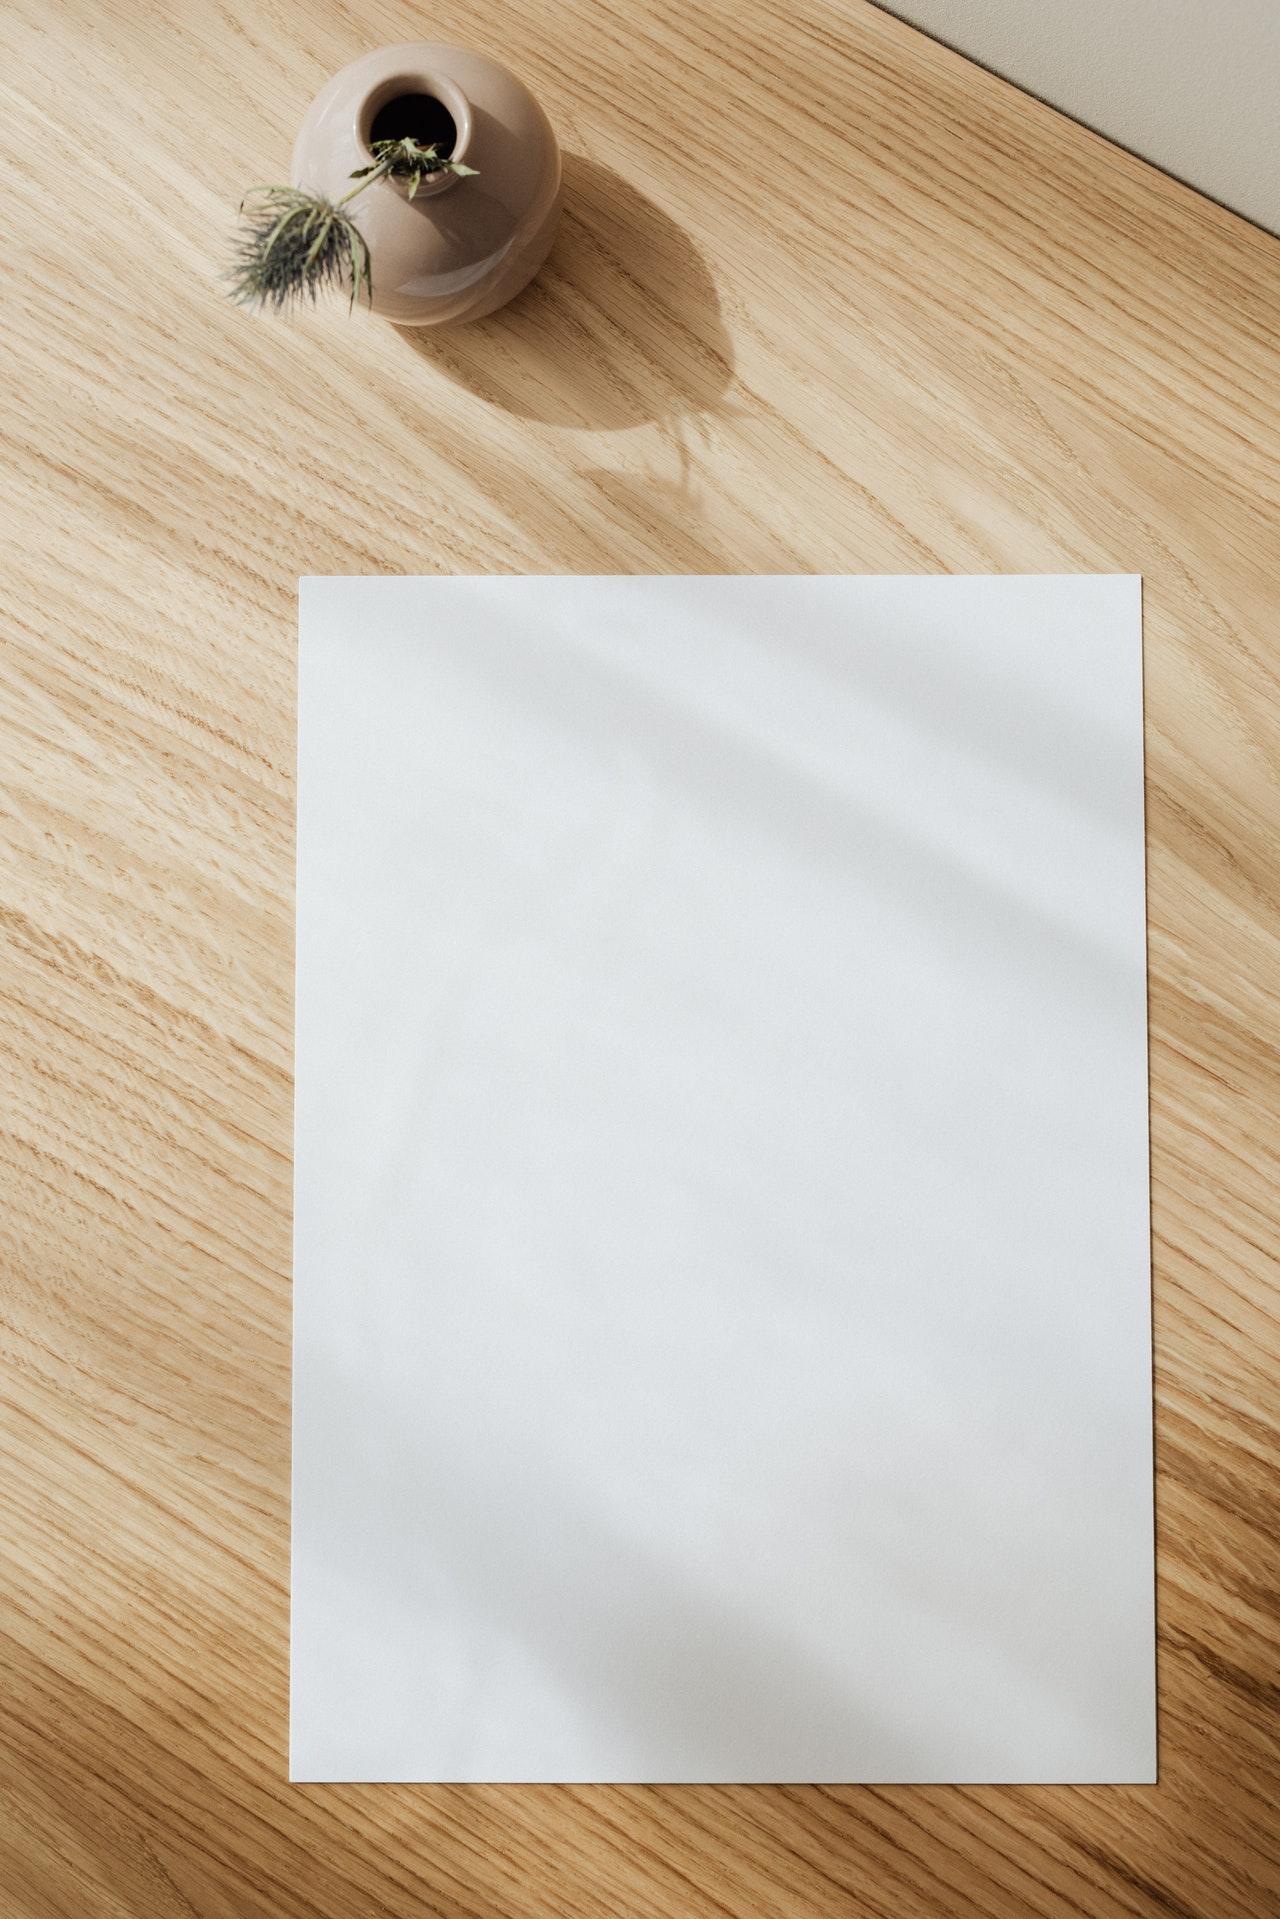 pexels-karolina-grabowska-42077071